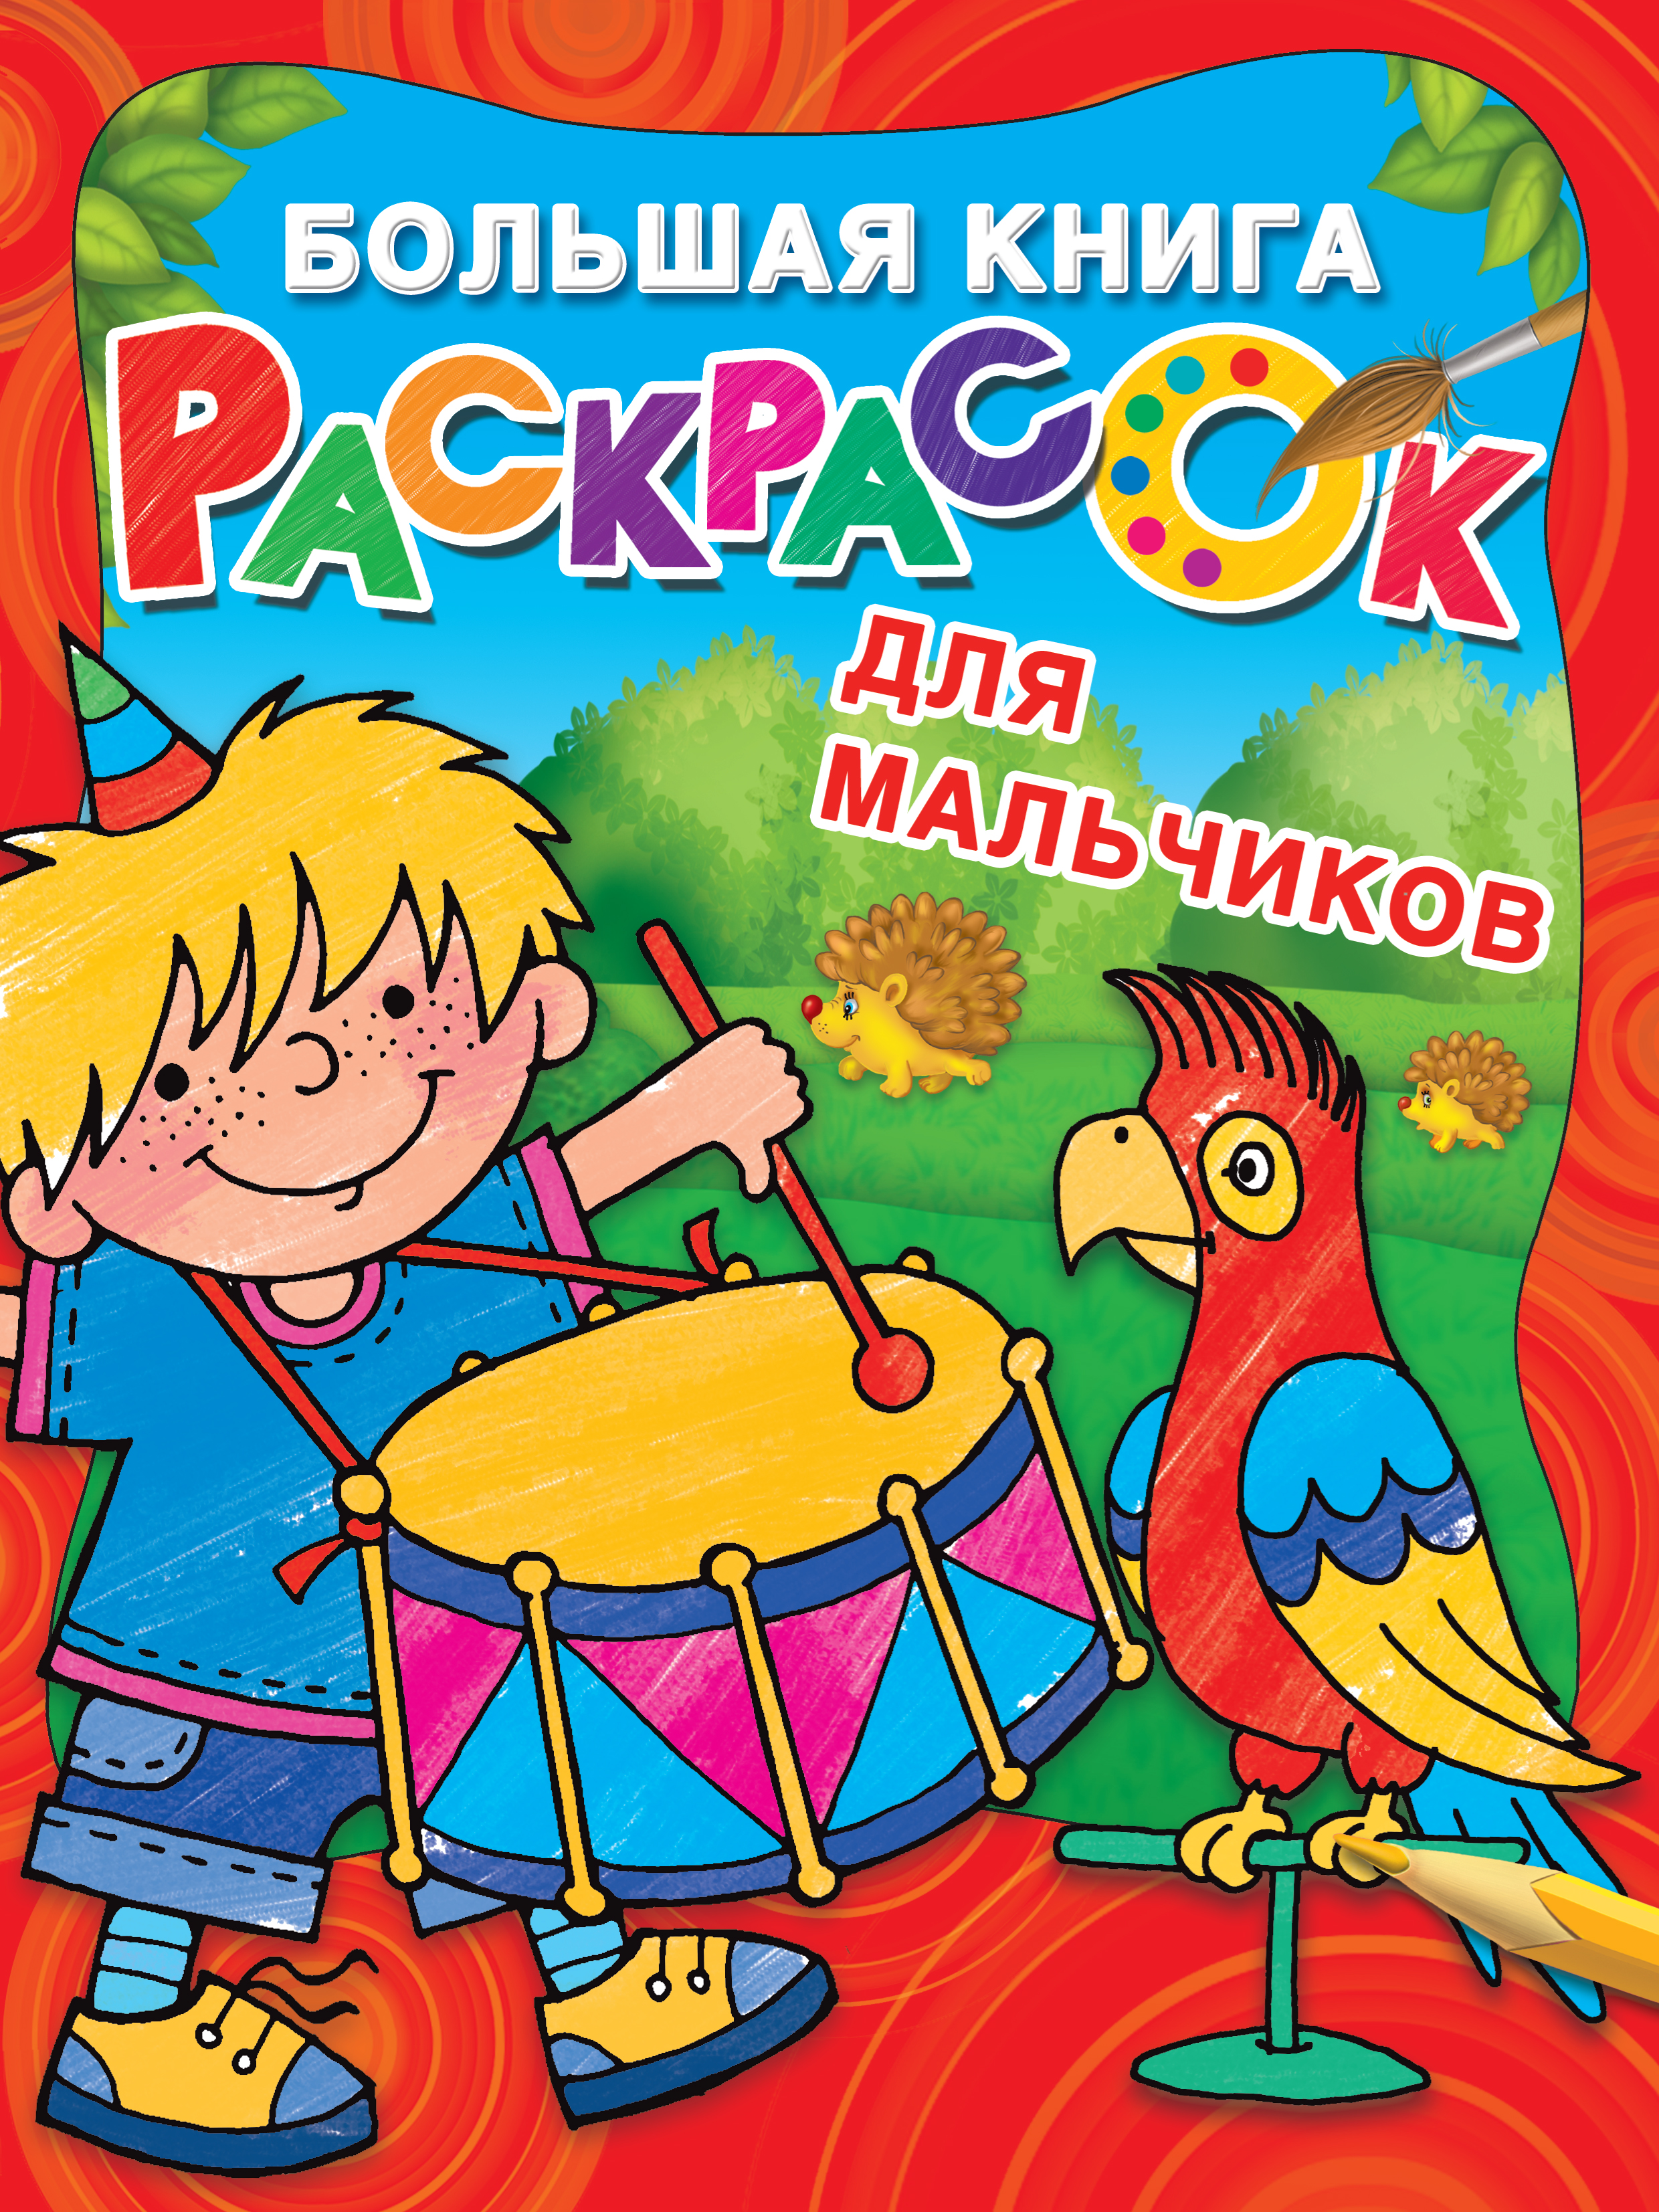 Двинина Л.В. Большая книга раскрасок для мальчиков двинина л в большая раскраска для мальчиков